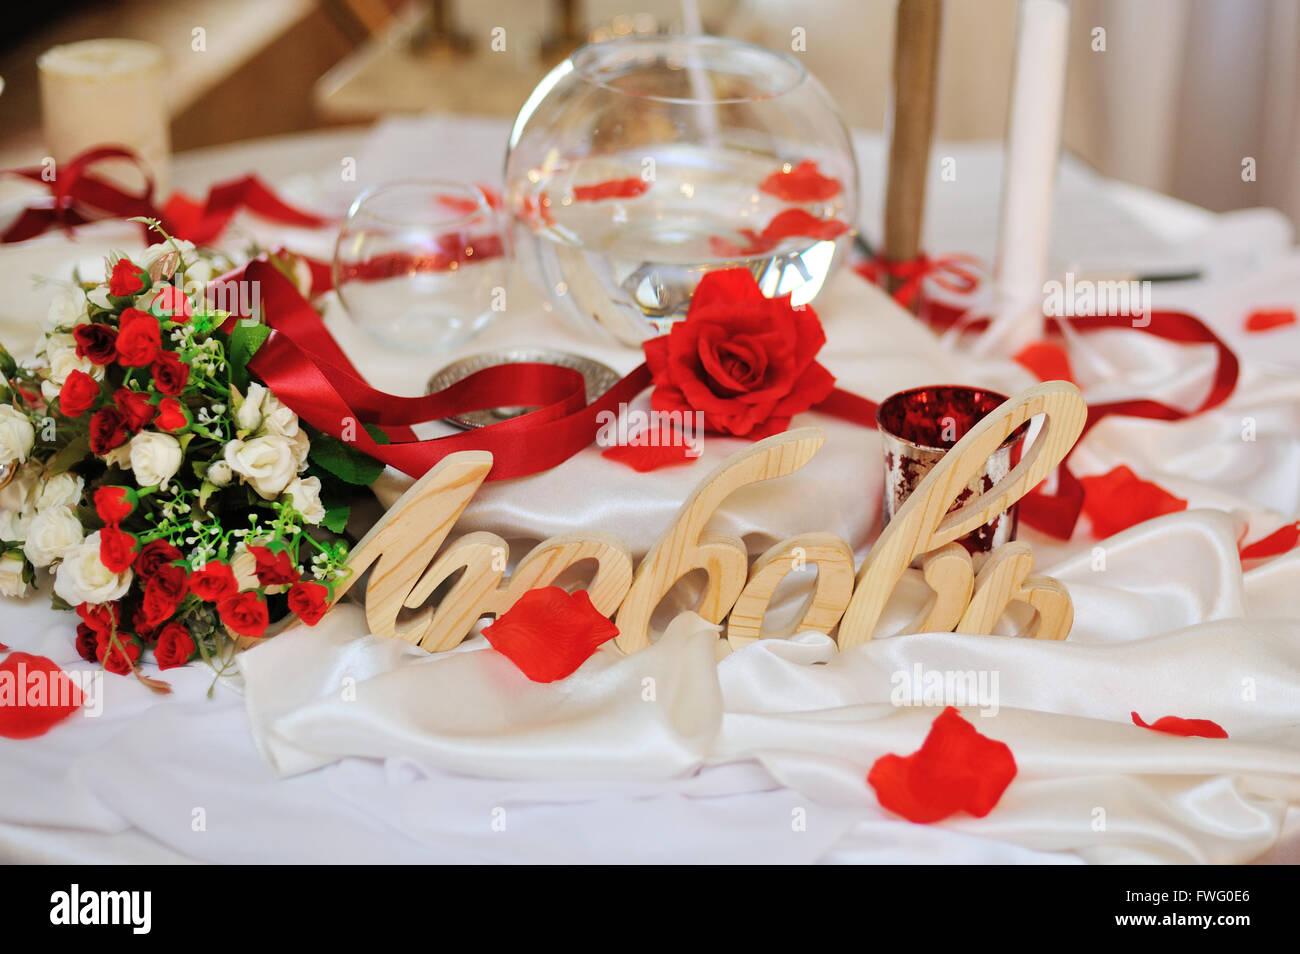 Dekoration Hochzeit Table Floral Arrangements Und Decorations